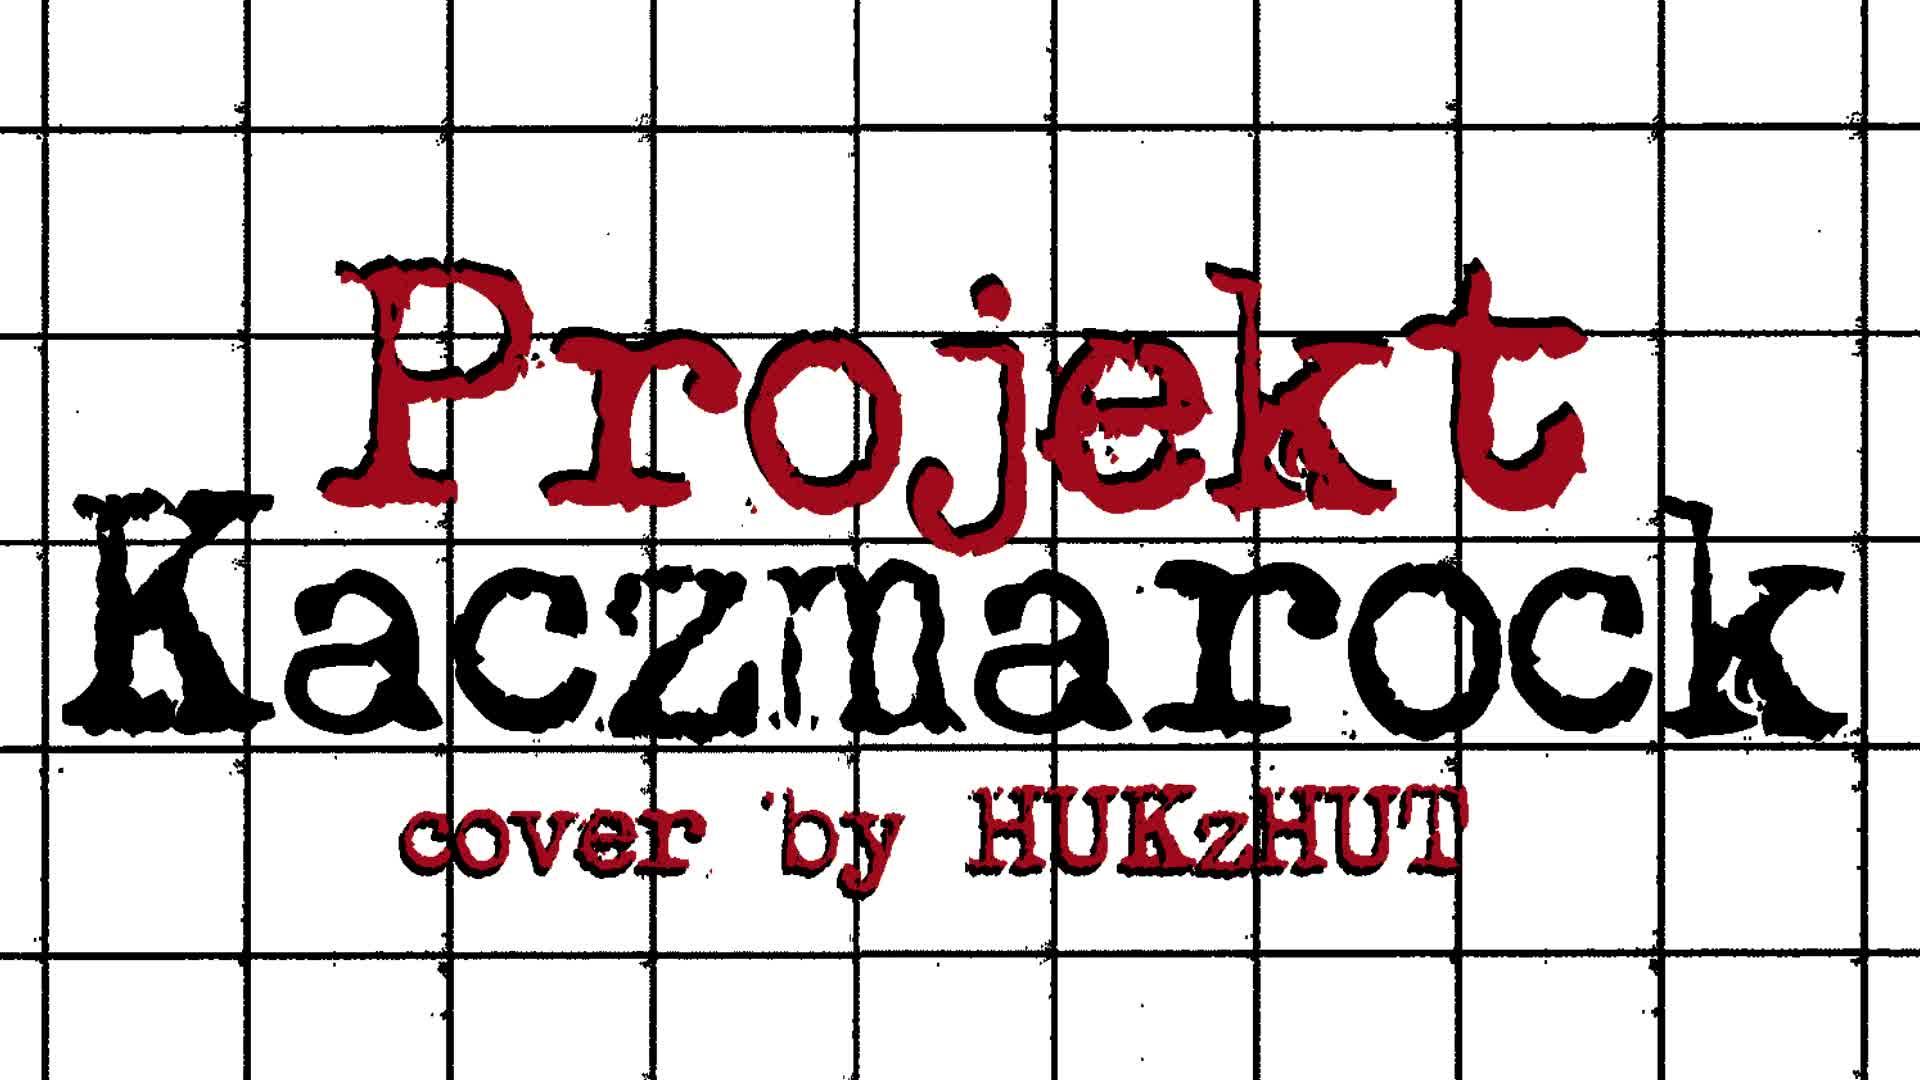 KACZMAROCK by HUKzHUT - trailer